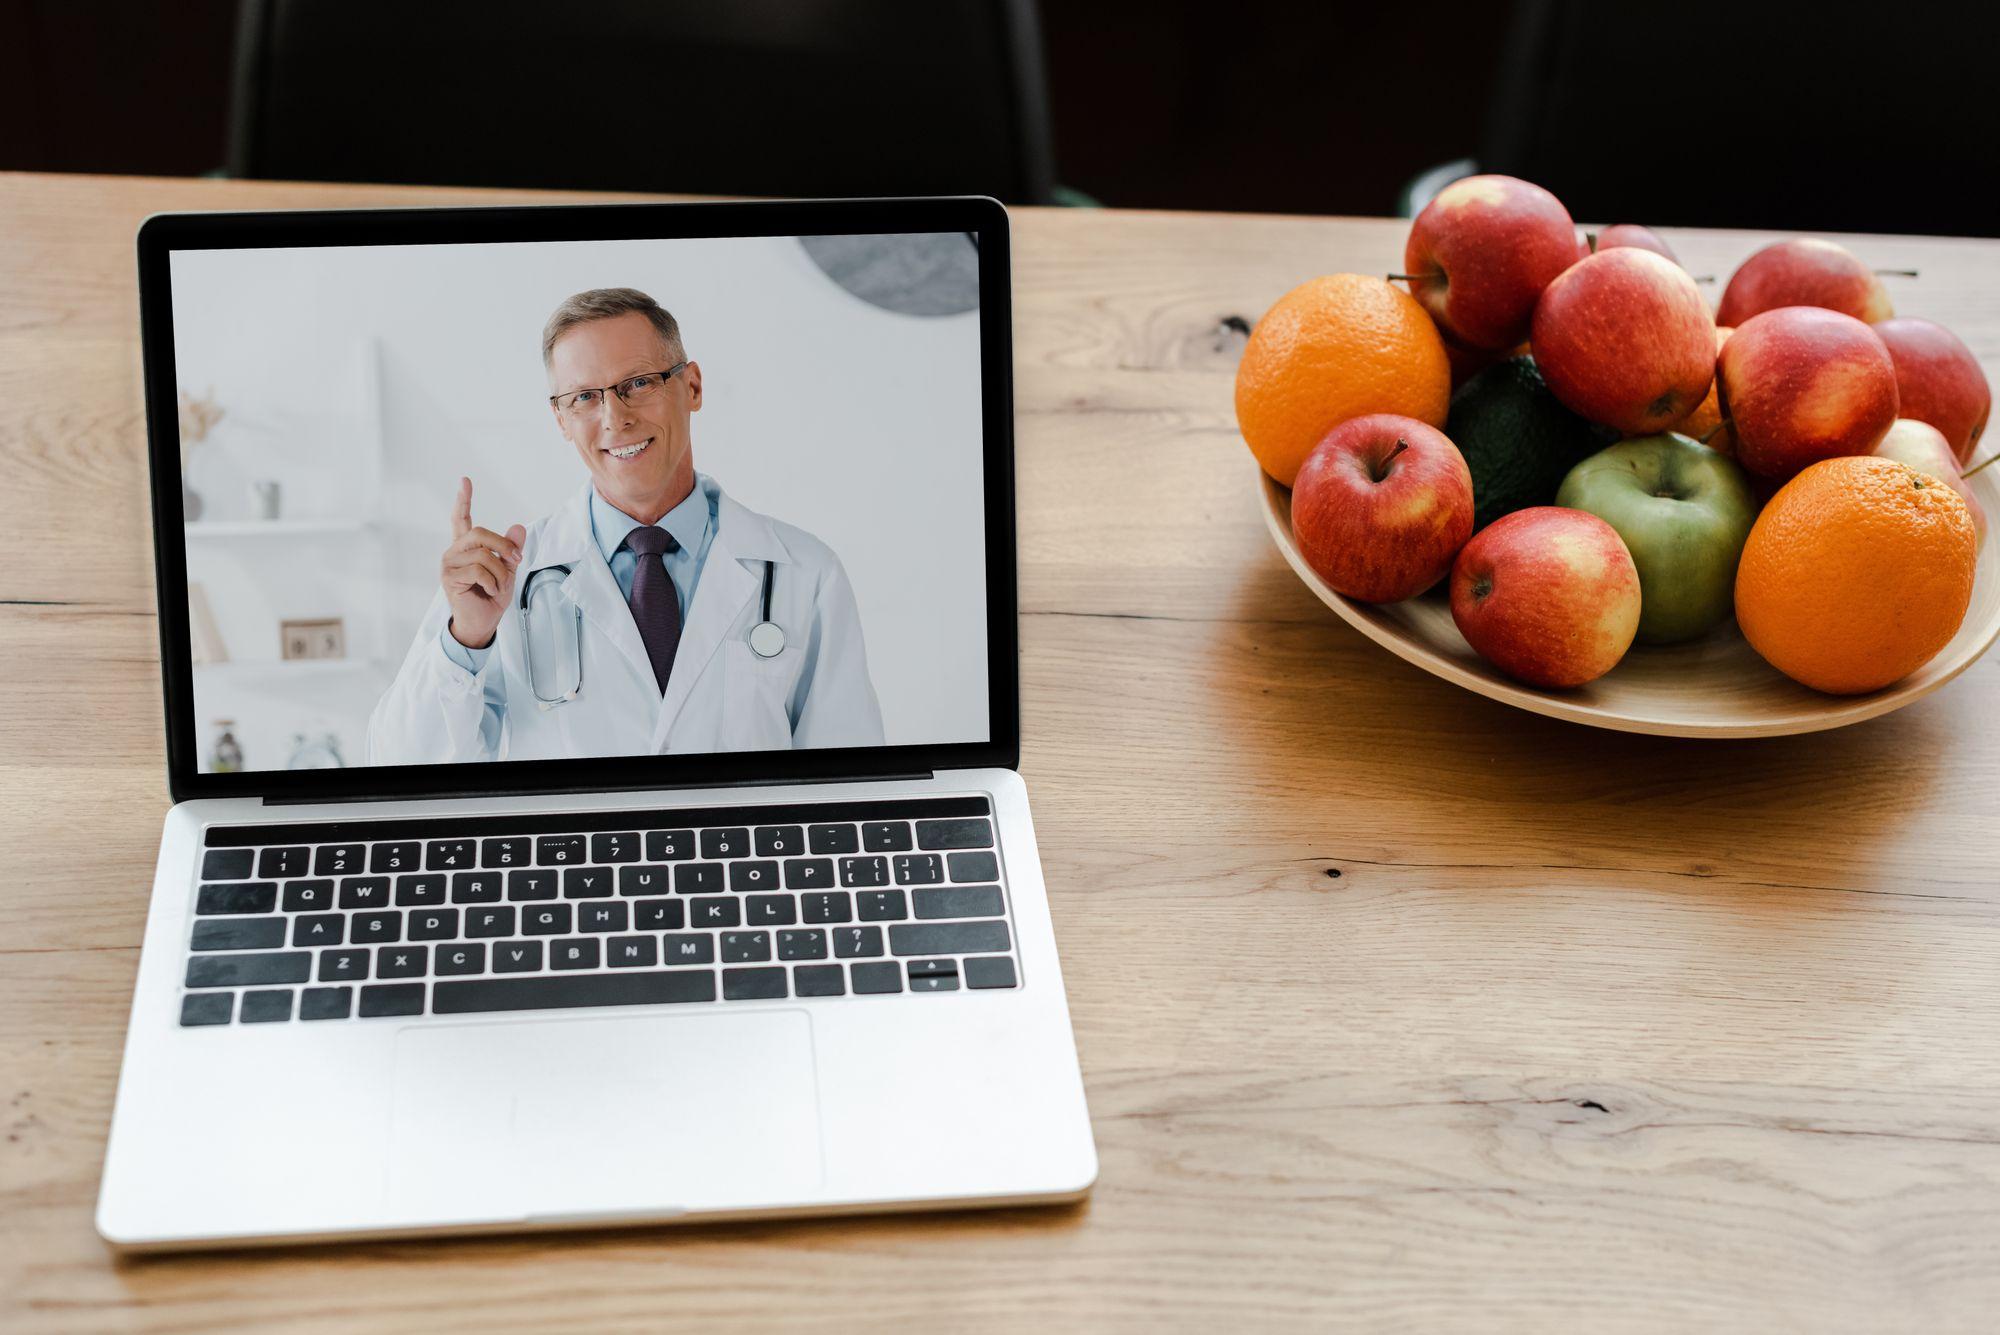 Alimentação Saudável: conheça as 10 dicas mais recomendadas pelos especialistas